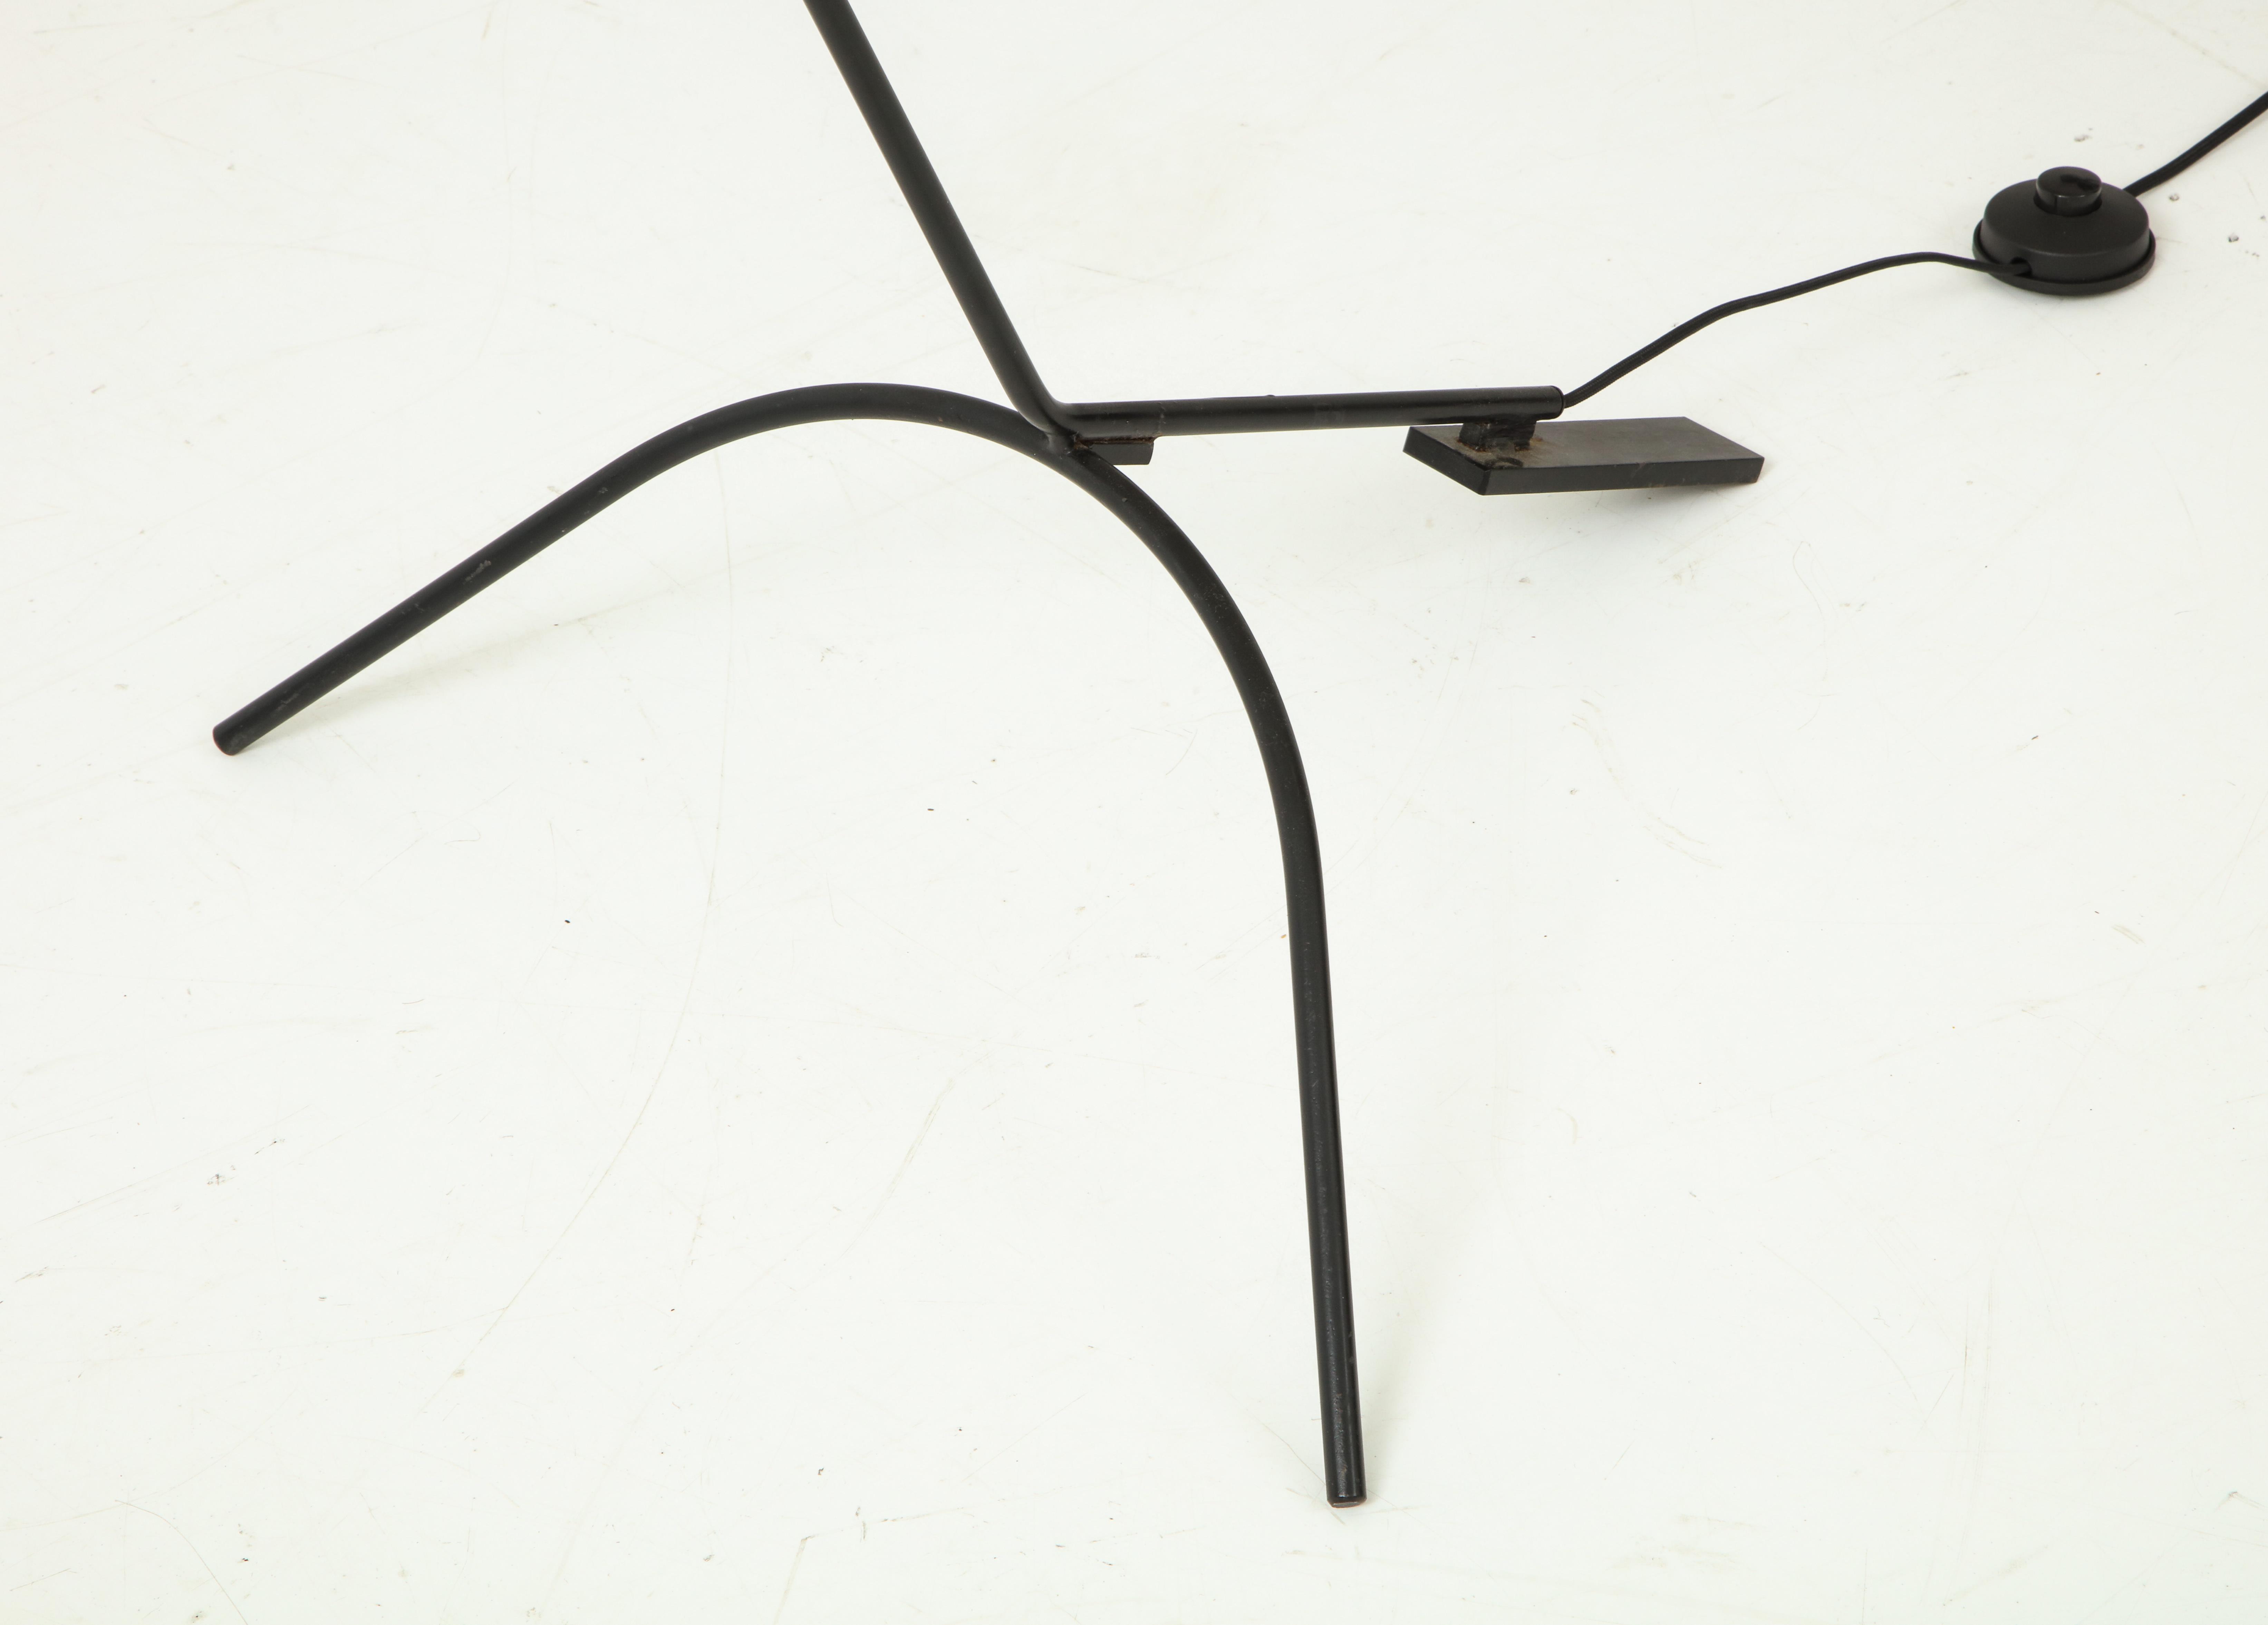 ART401-10 by  | soyun k.